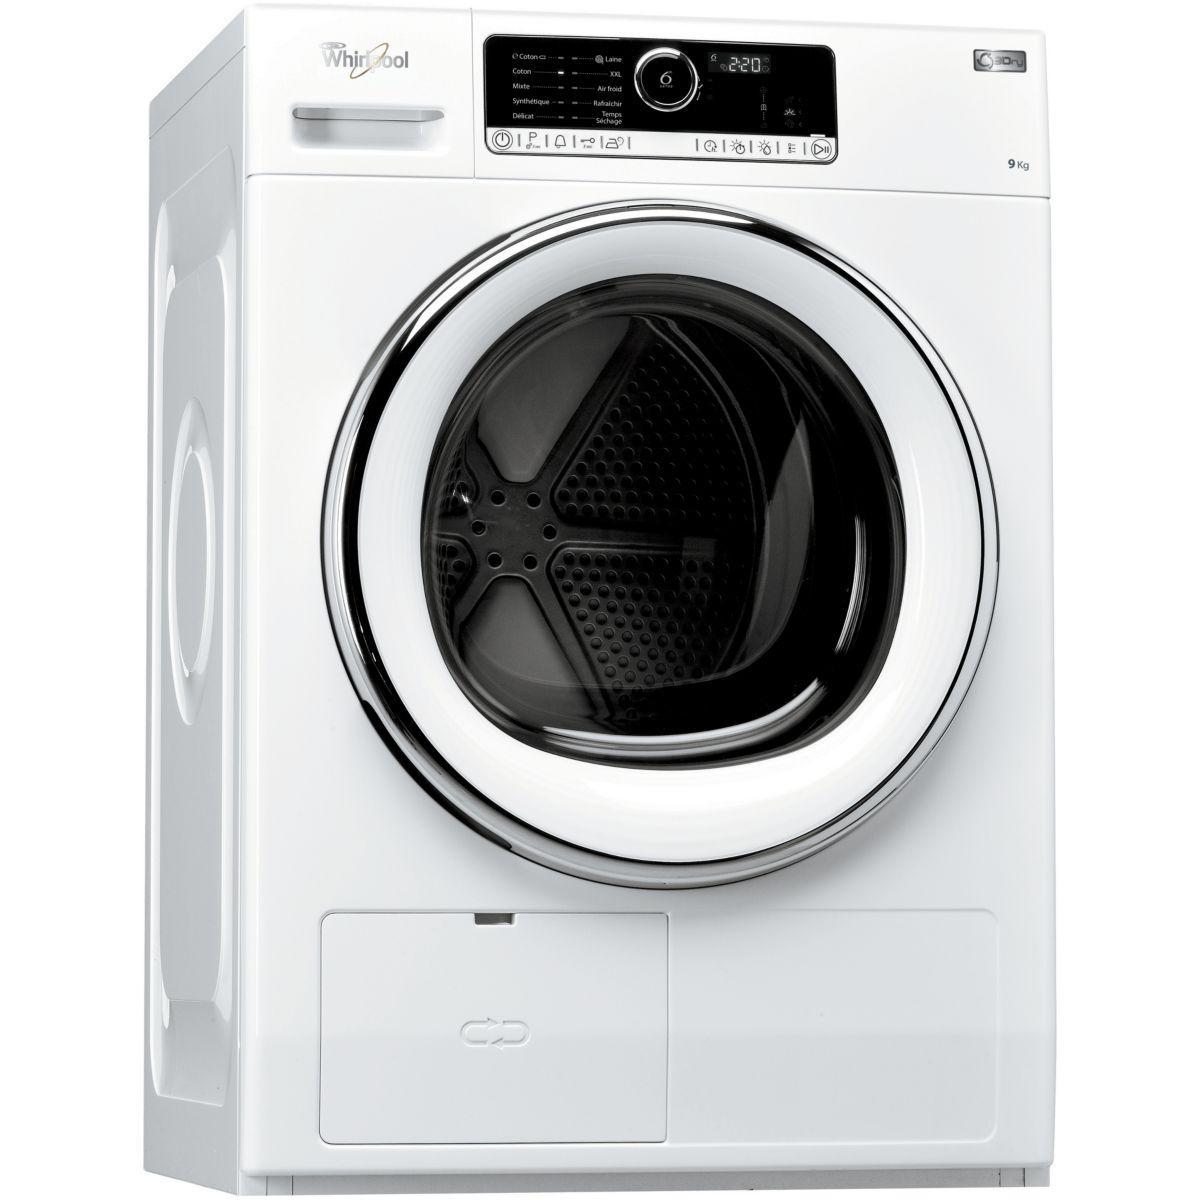 Sèche linge pompe à chaleur WHIRLPOOL HSCX 90422